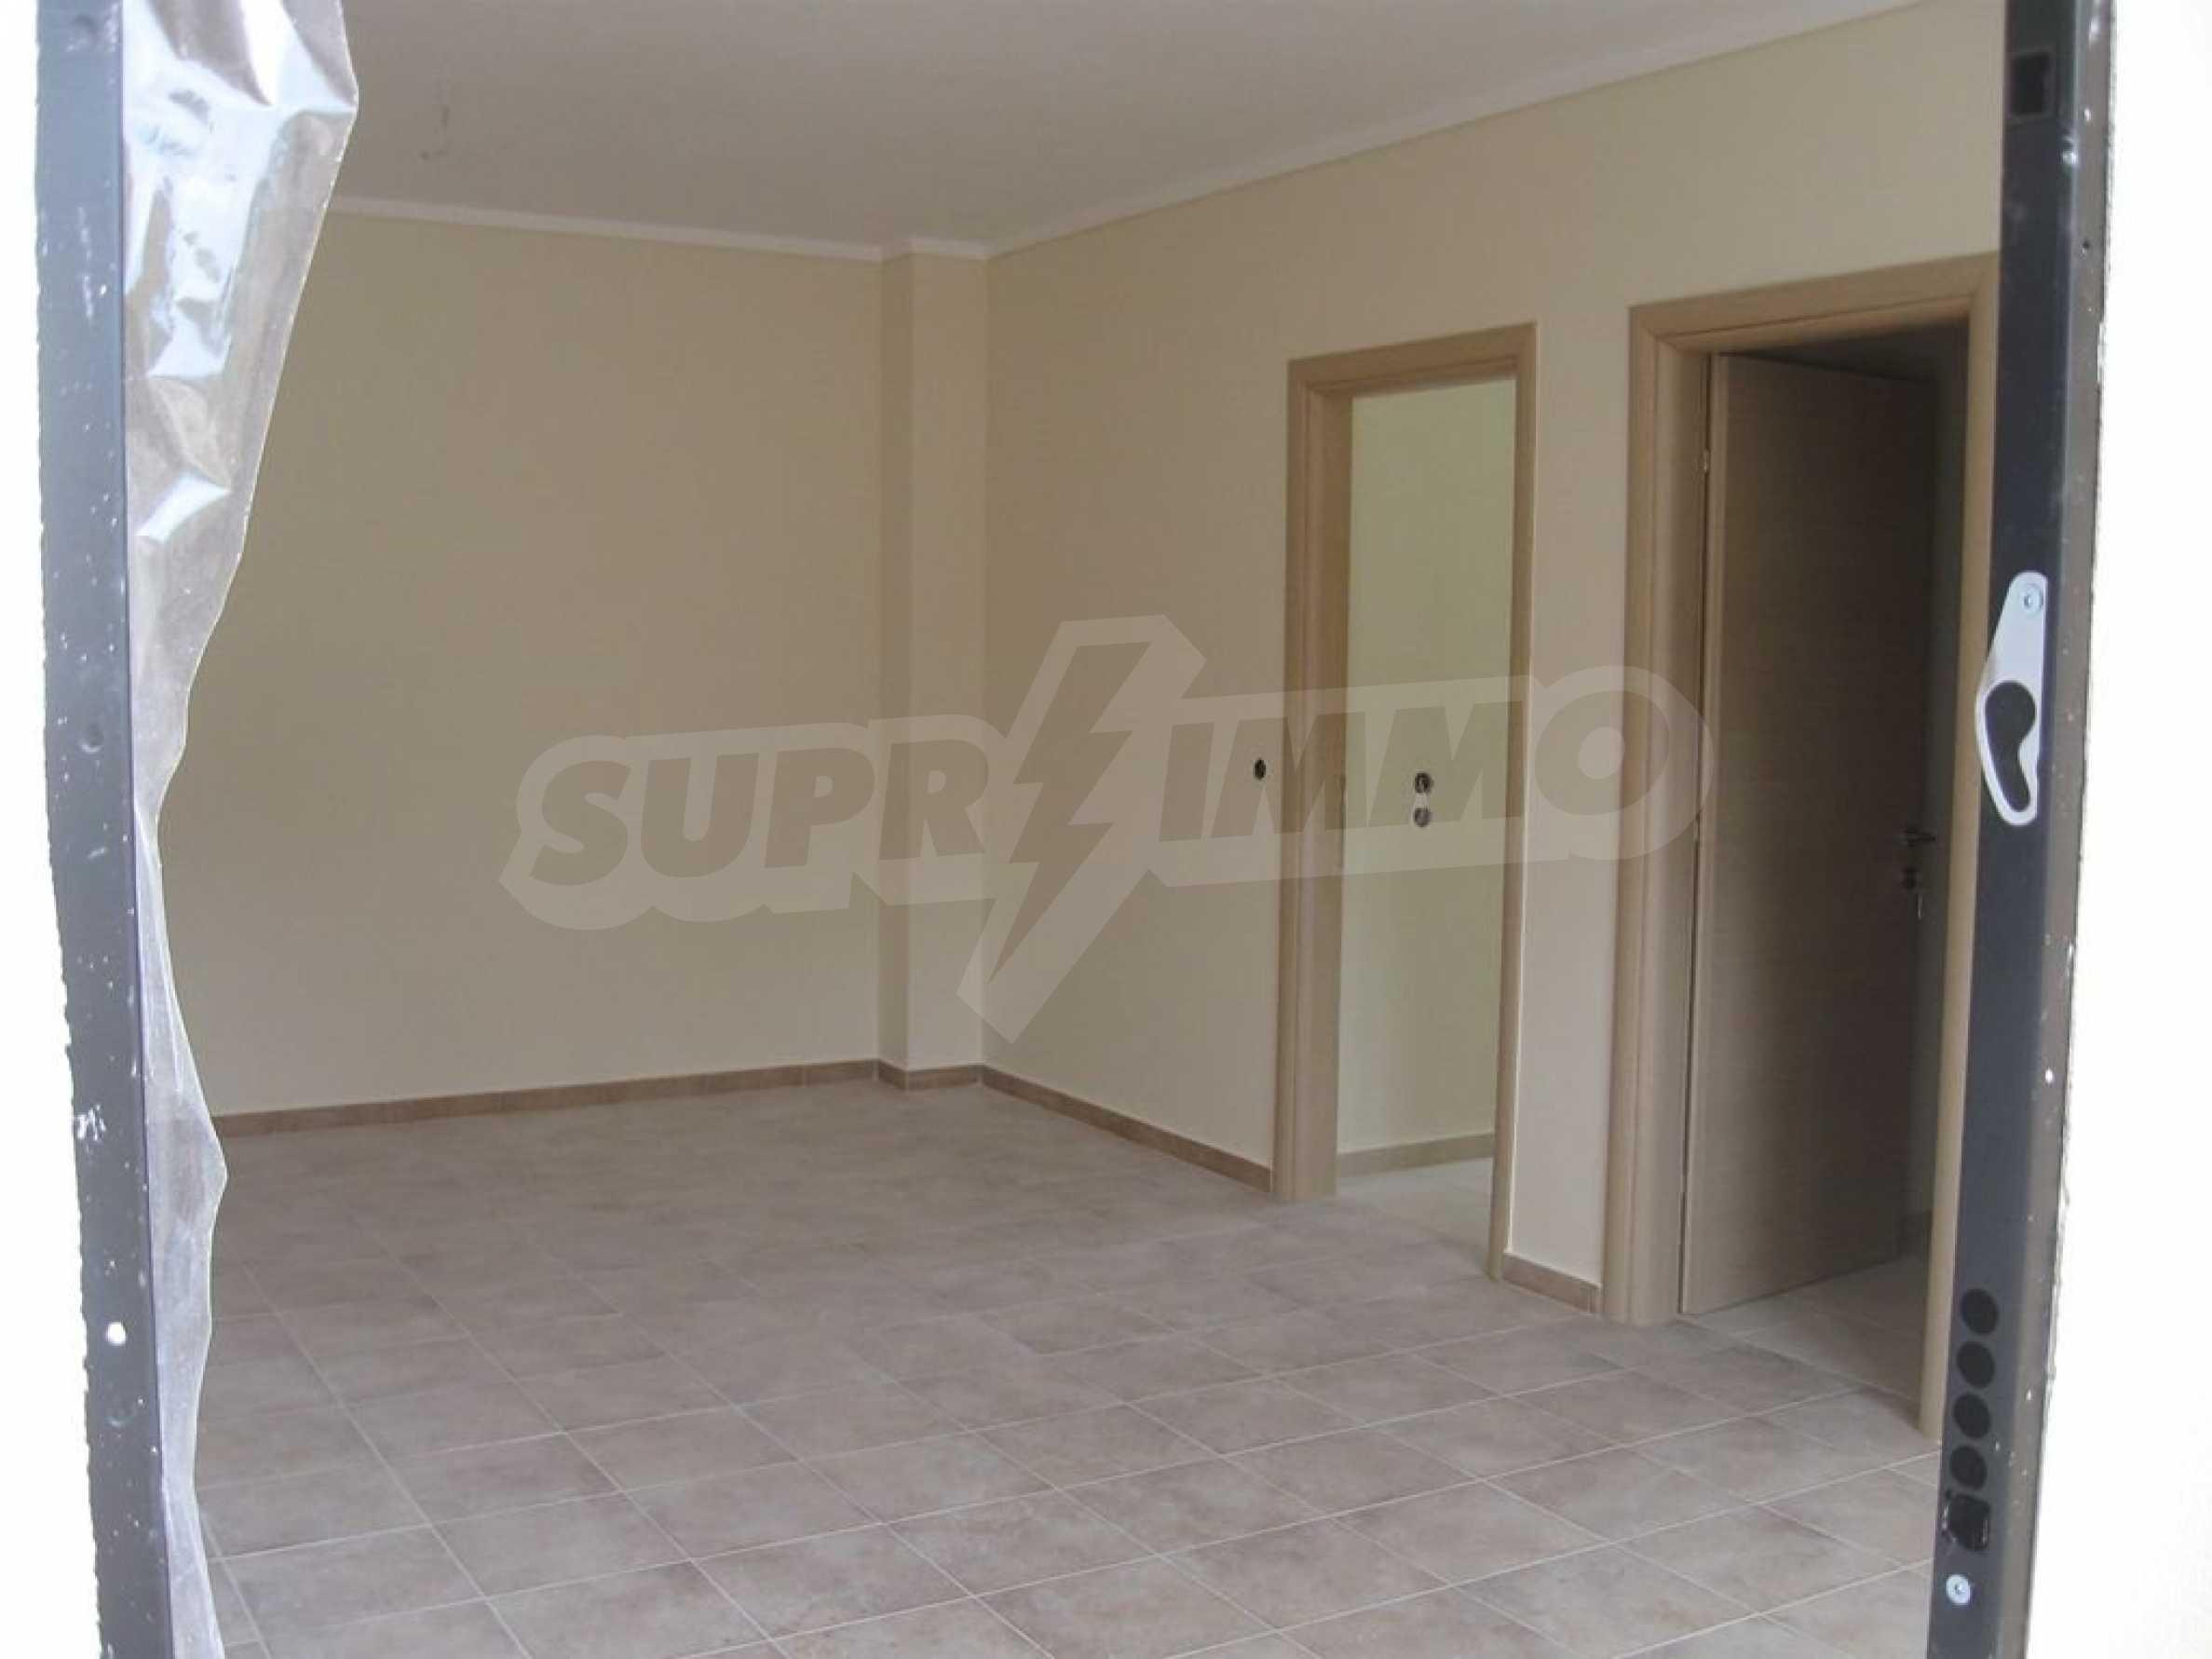 Апартамент  във  Вурвуру 5